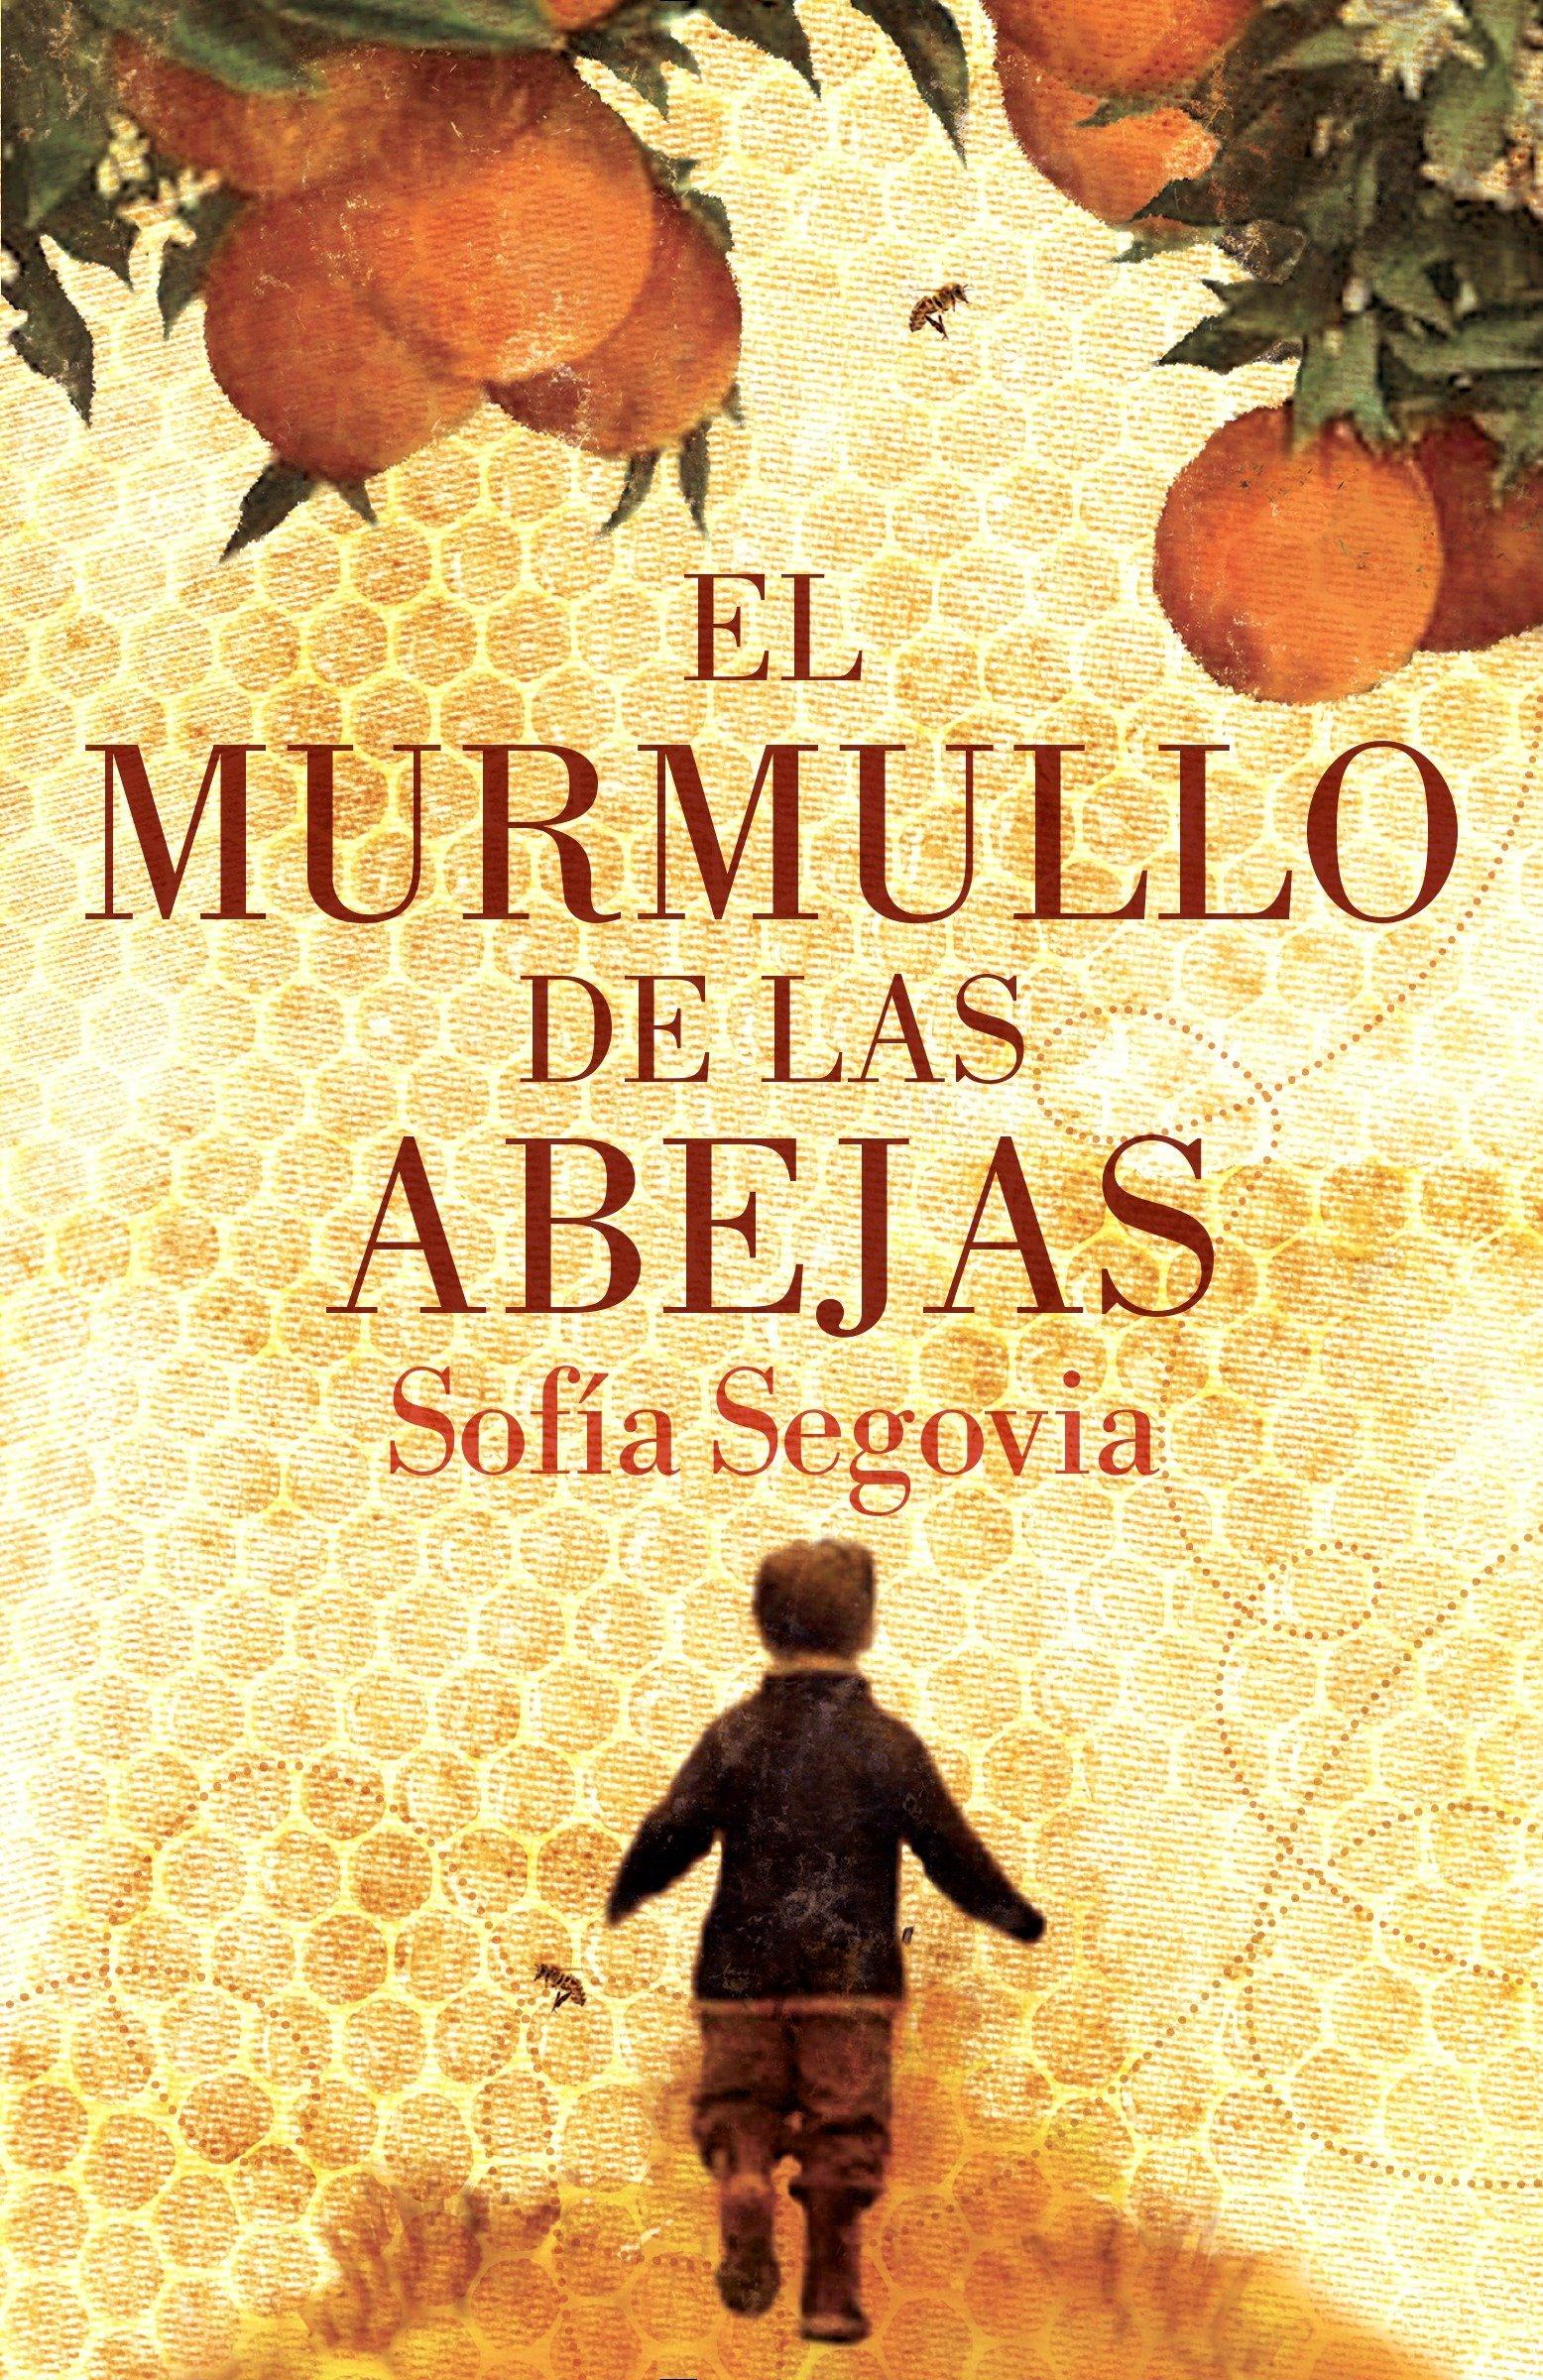 El murmullo de las abejas (Spanish Edition) by Segovia, Sofia